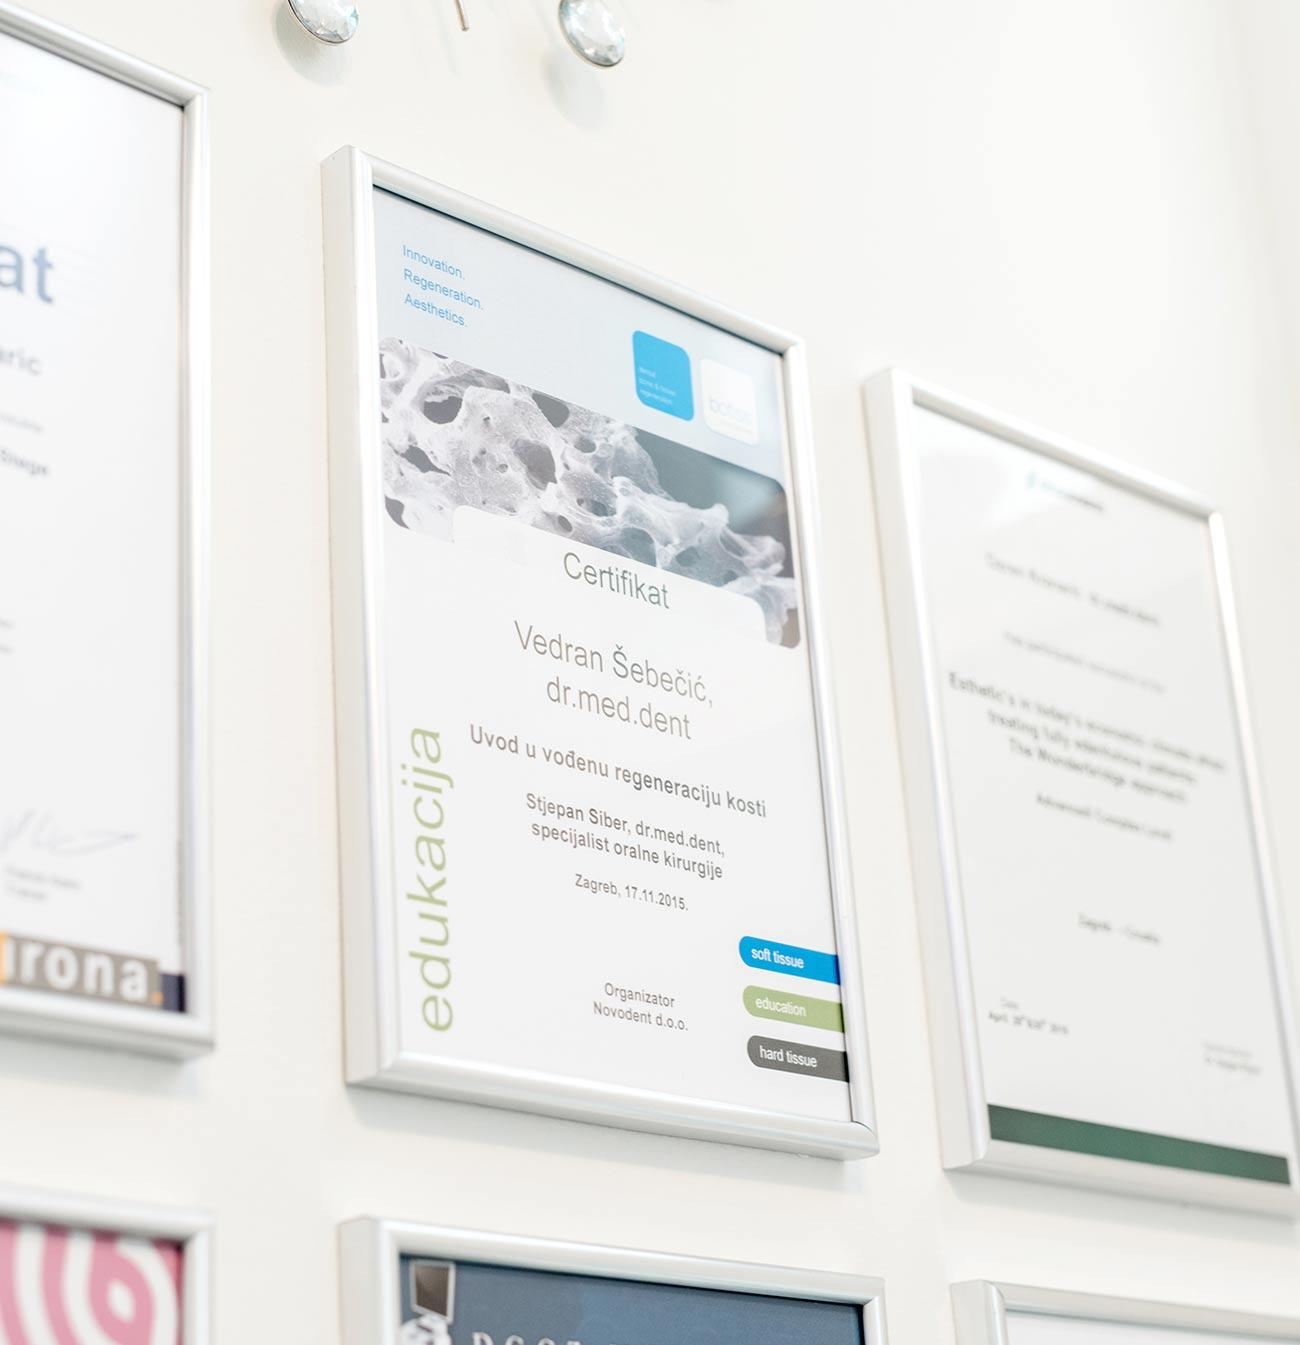 Dentus perfectus - zubna ordinacija - certifikati Vedran Šebečić